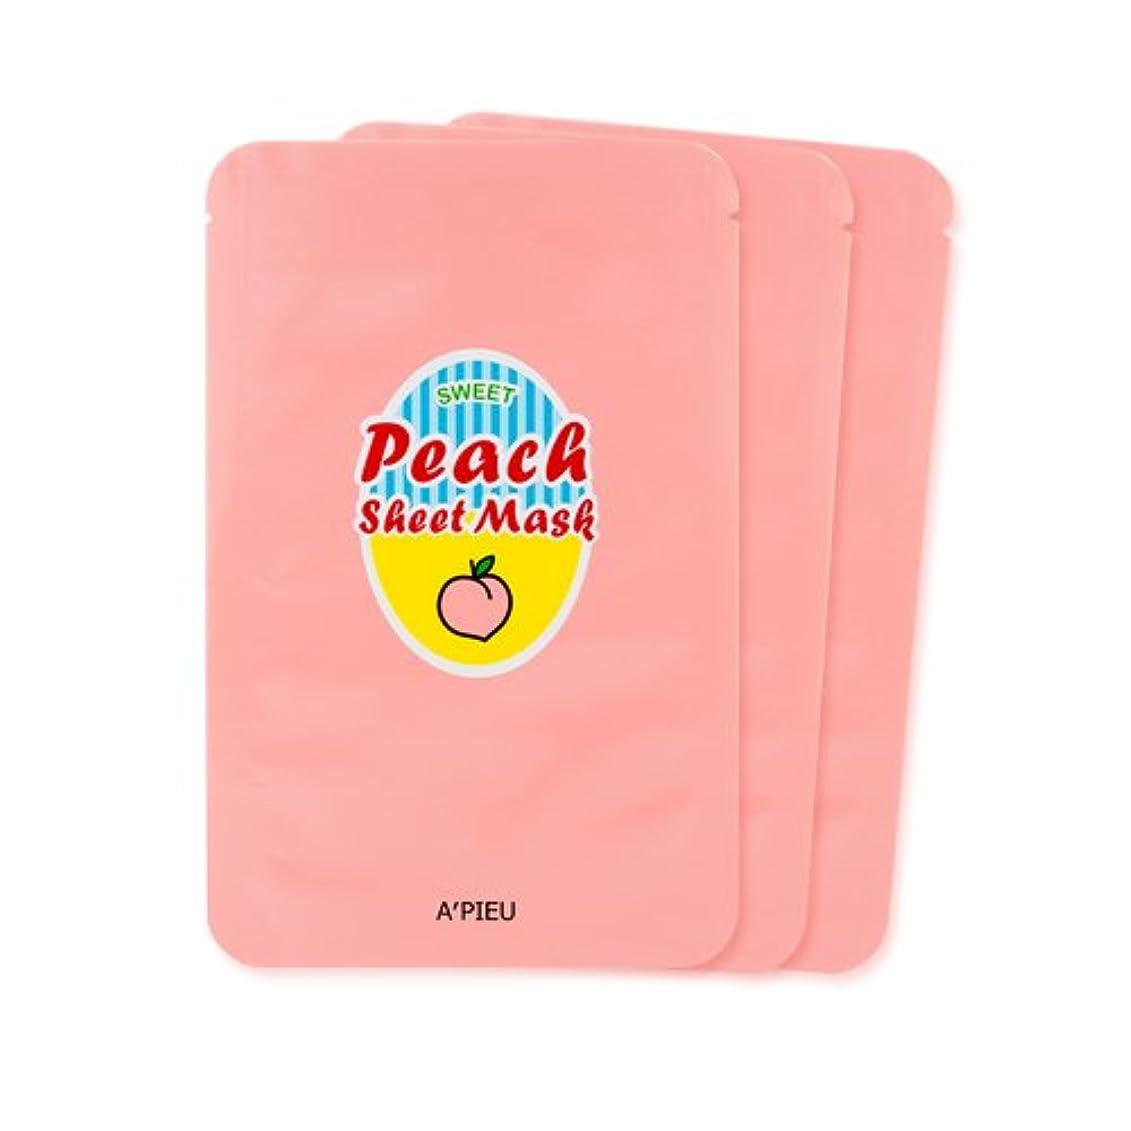 盆地自己尊重提案するA'PIEU Sweet Peach Sheet Mask 3EA / [オピュ/アピュ] スイートピーチシートマスク3枚 [並行輸入品]